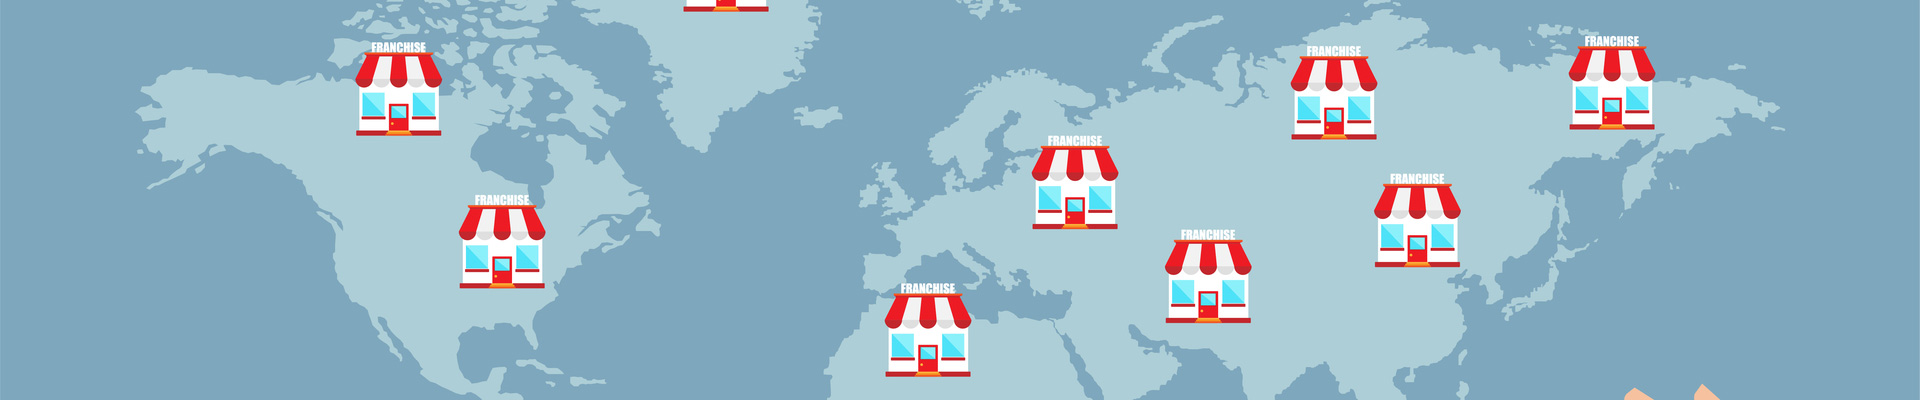 Curso de Franquias Bares e Restaurantes